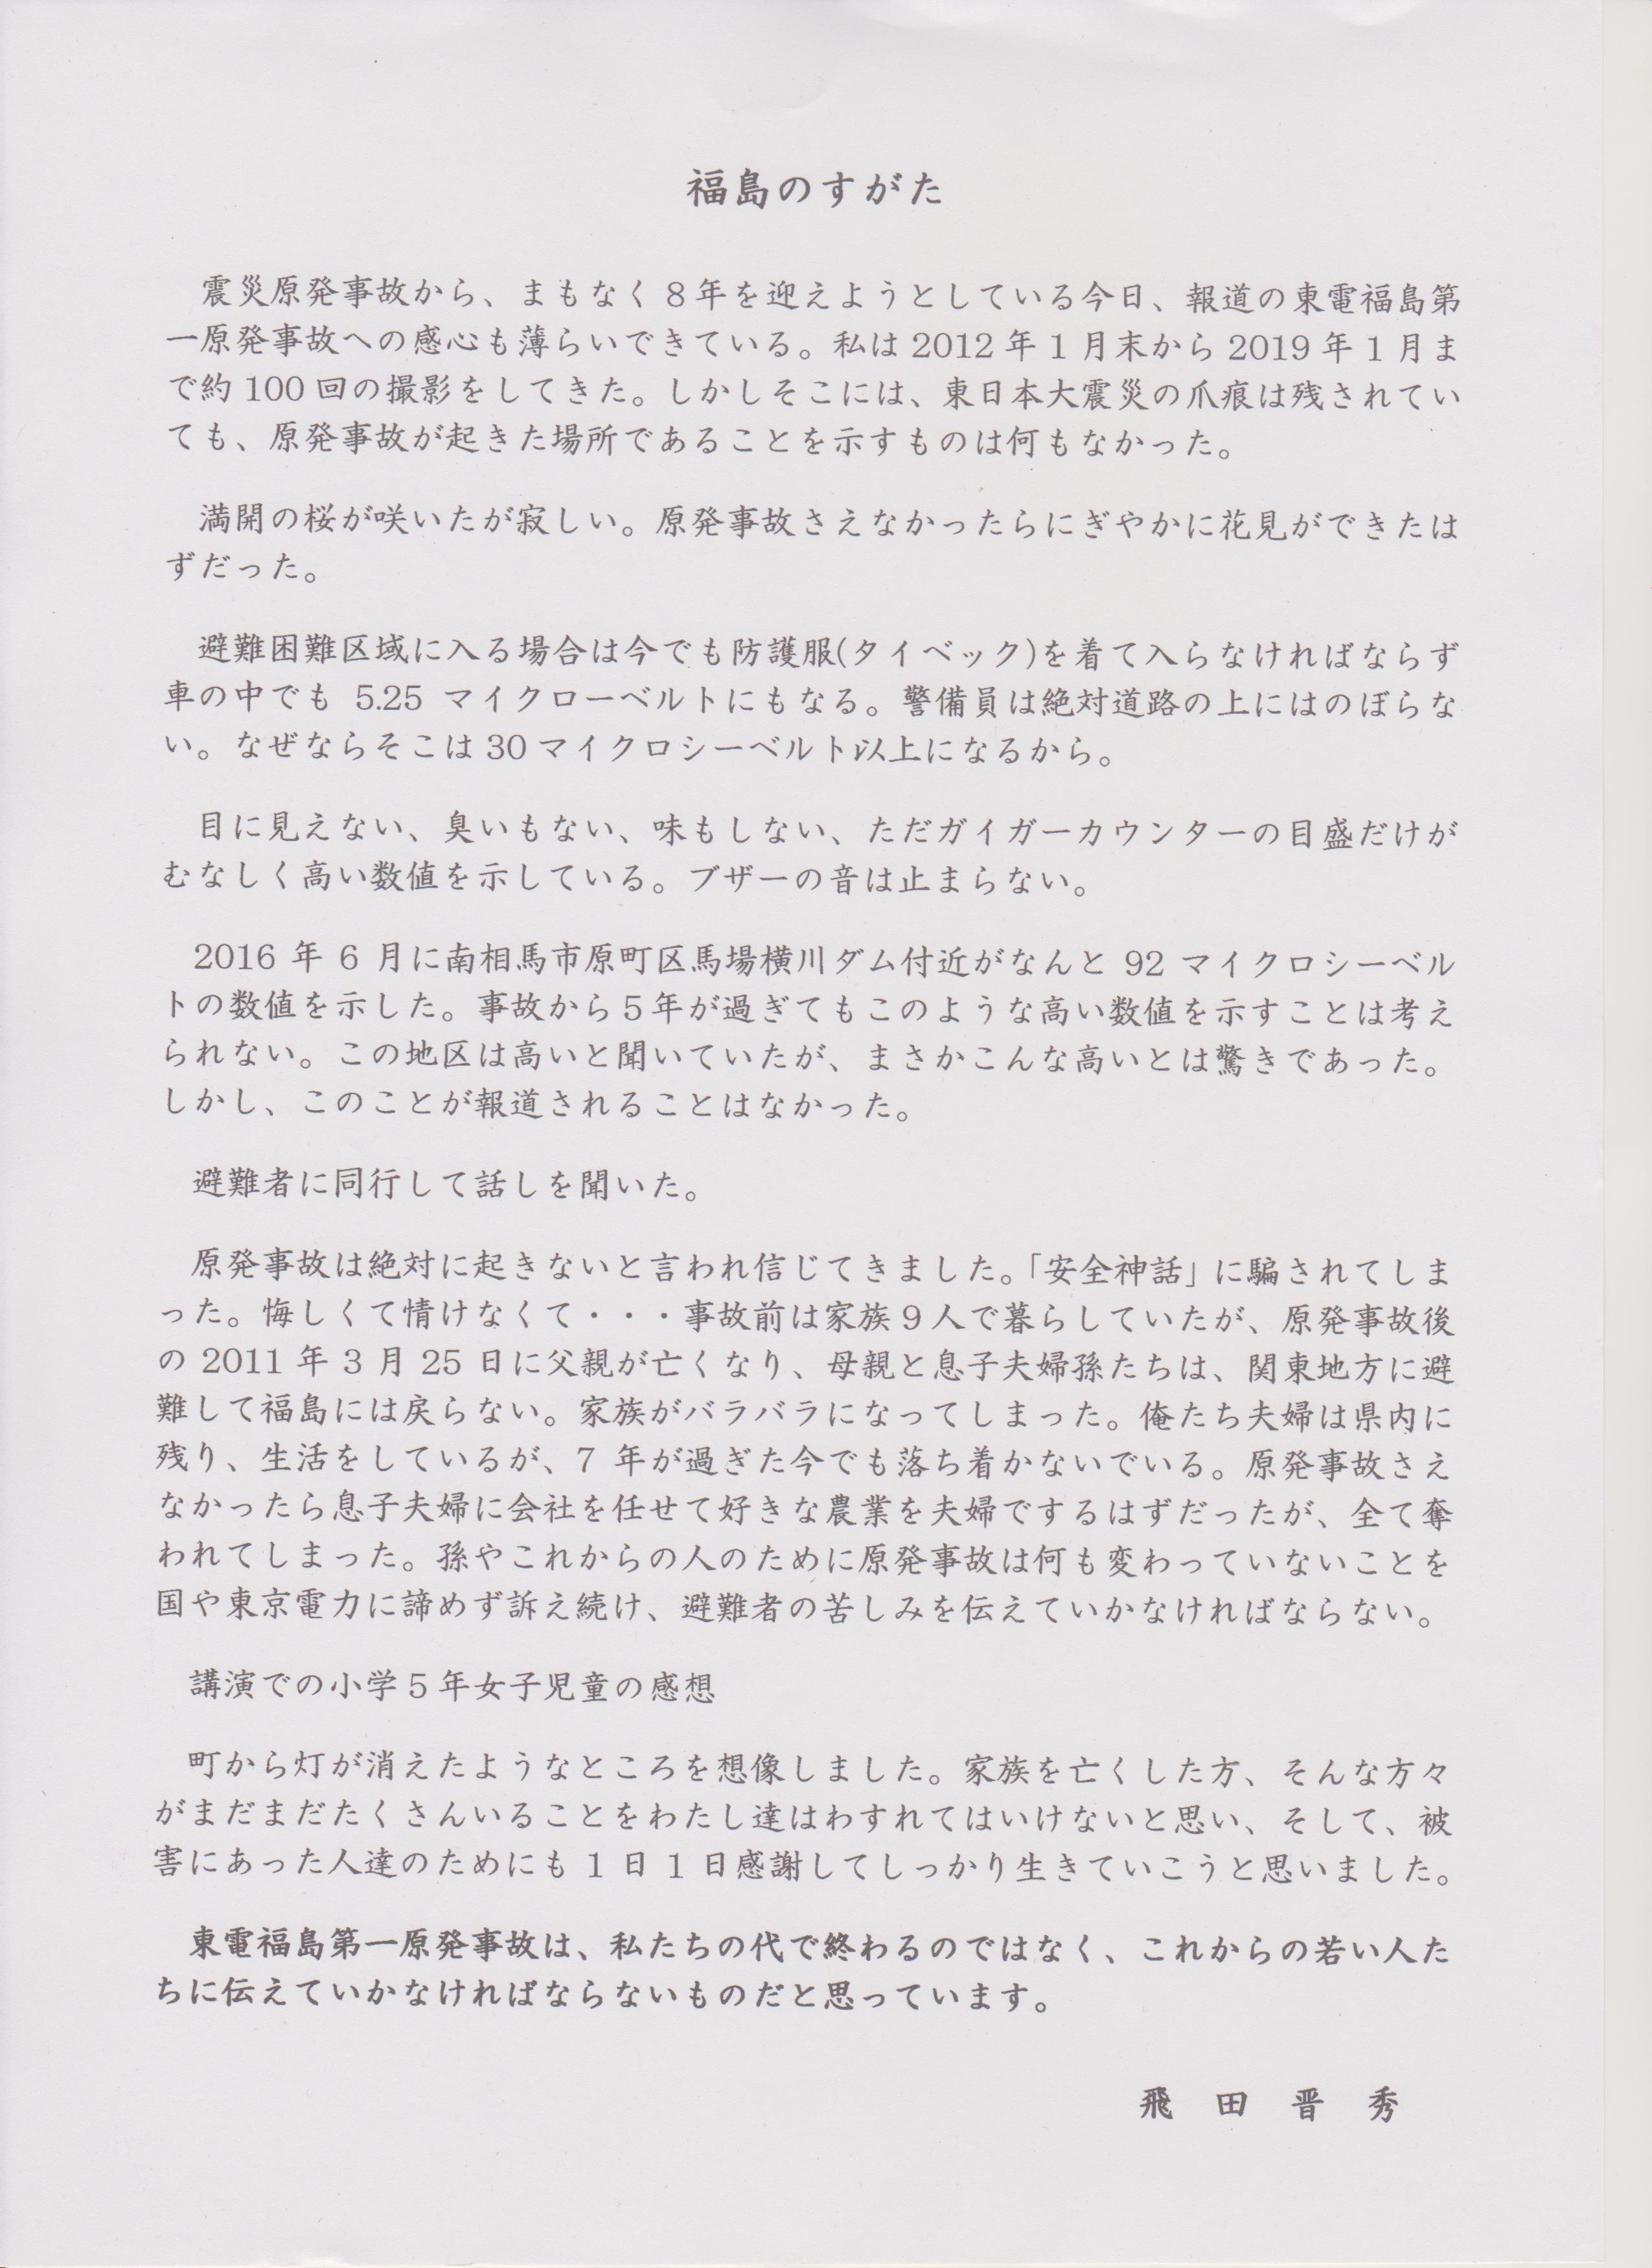 飛田氏講演会資料